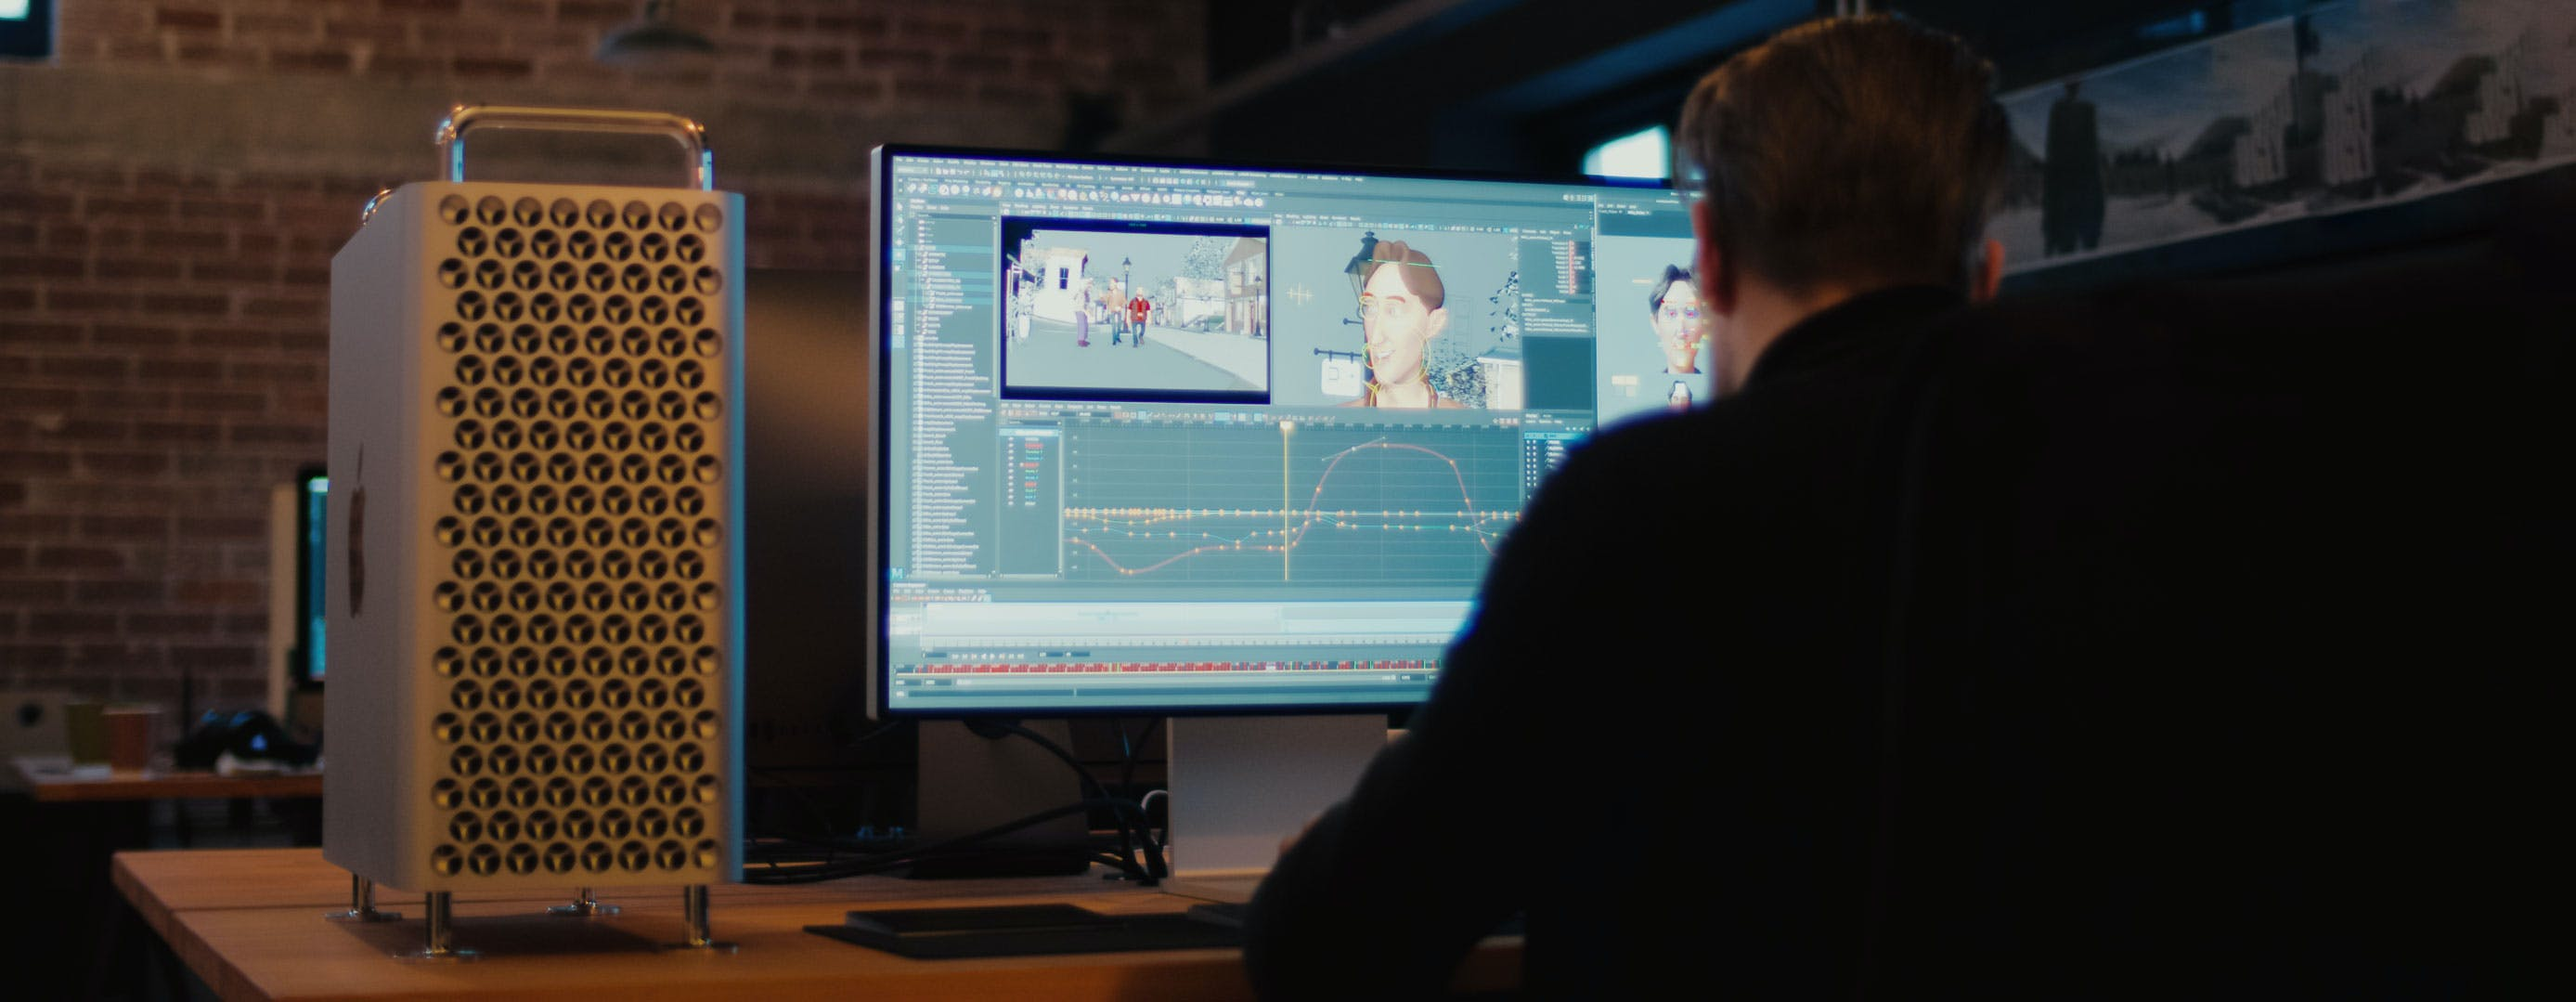 Un anno di Mac Pro: prestazioni e affidabilità hanno stregato un piccolo studio di animazione. Il racconto